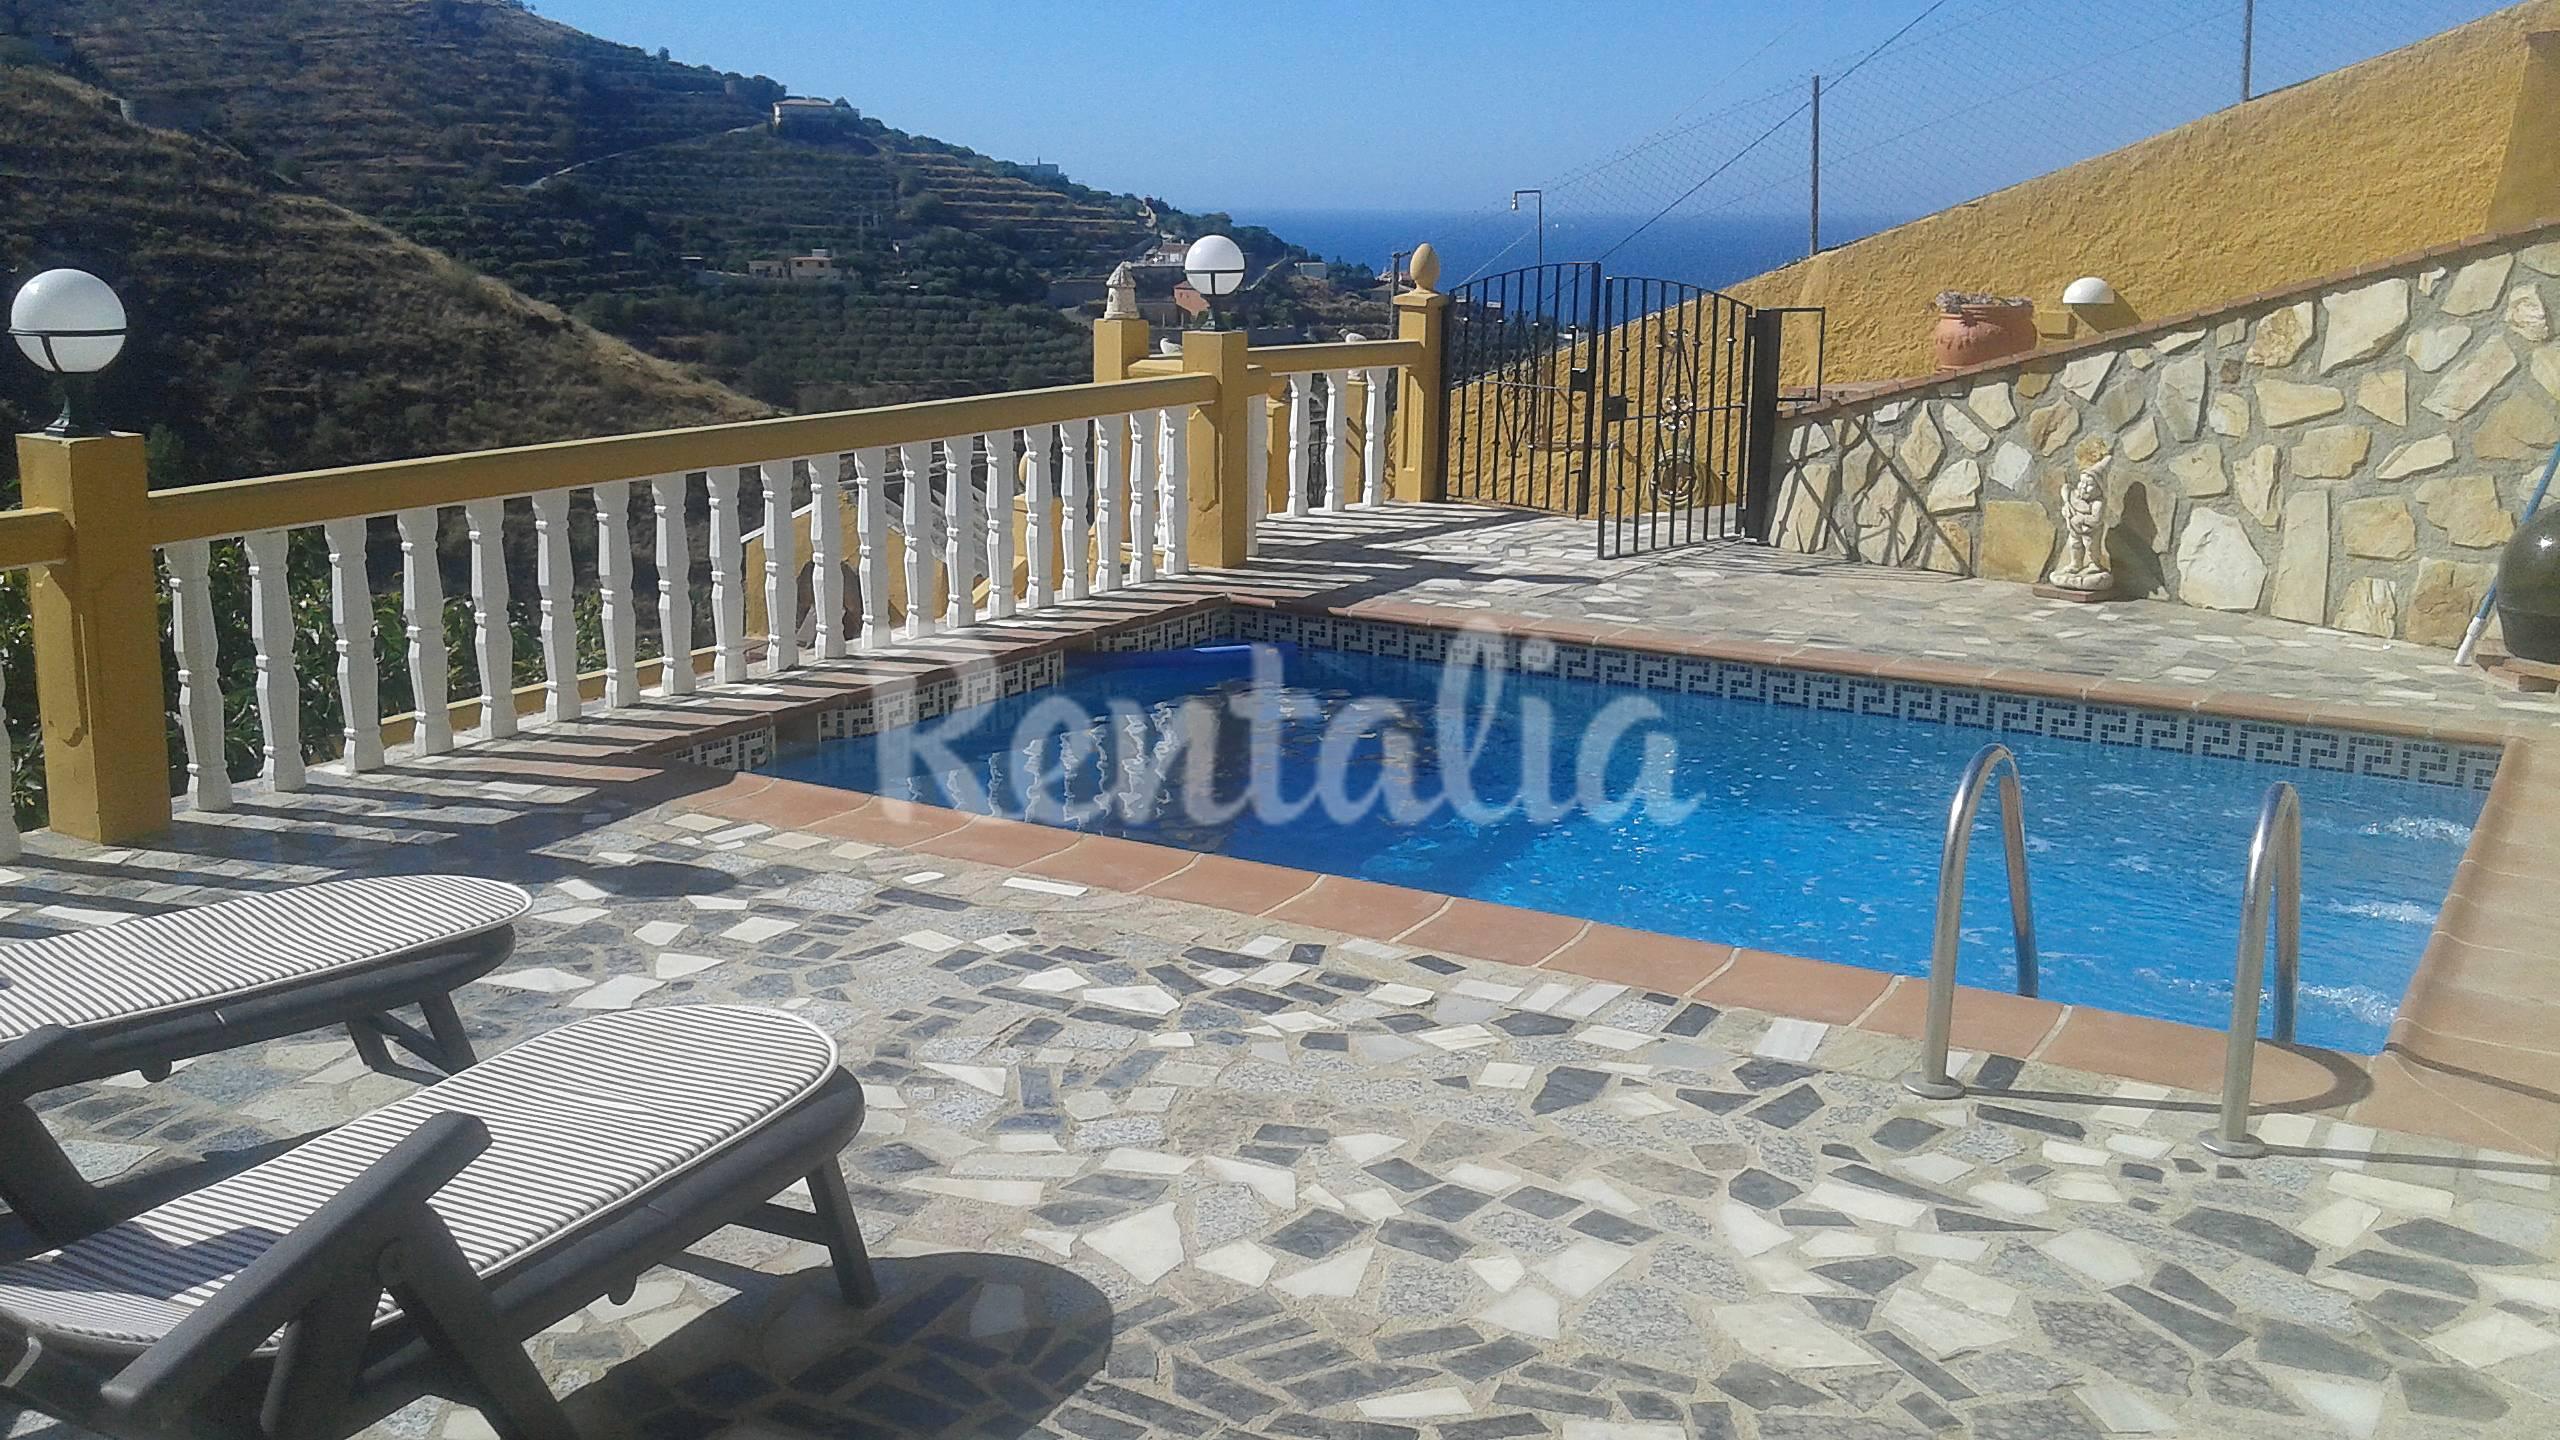 Cortijo con piscina privada y vista al mar velilla for Piscina publica alhendin granada